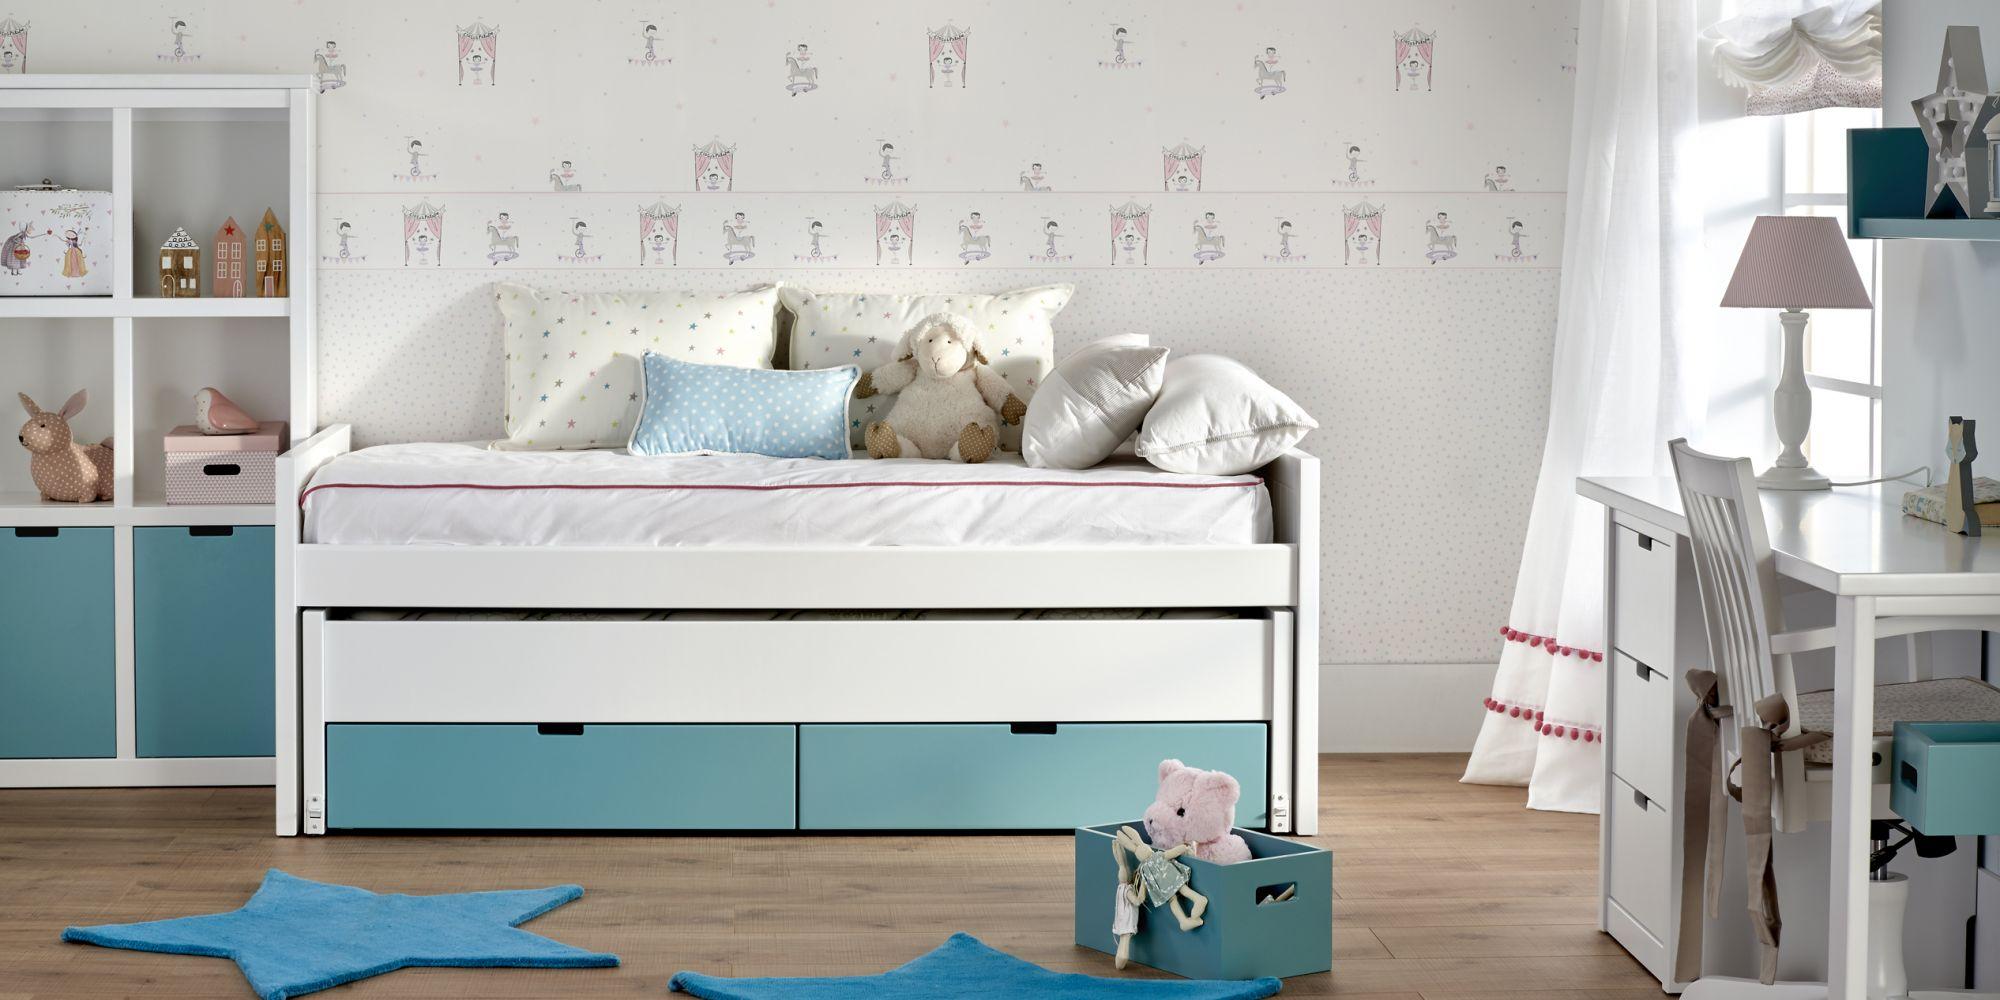 Minicompacto con 2 camas, cajones inferiores y librero ideal para habitación infantil | Mueble Infantil